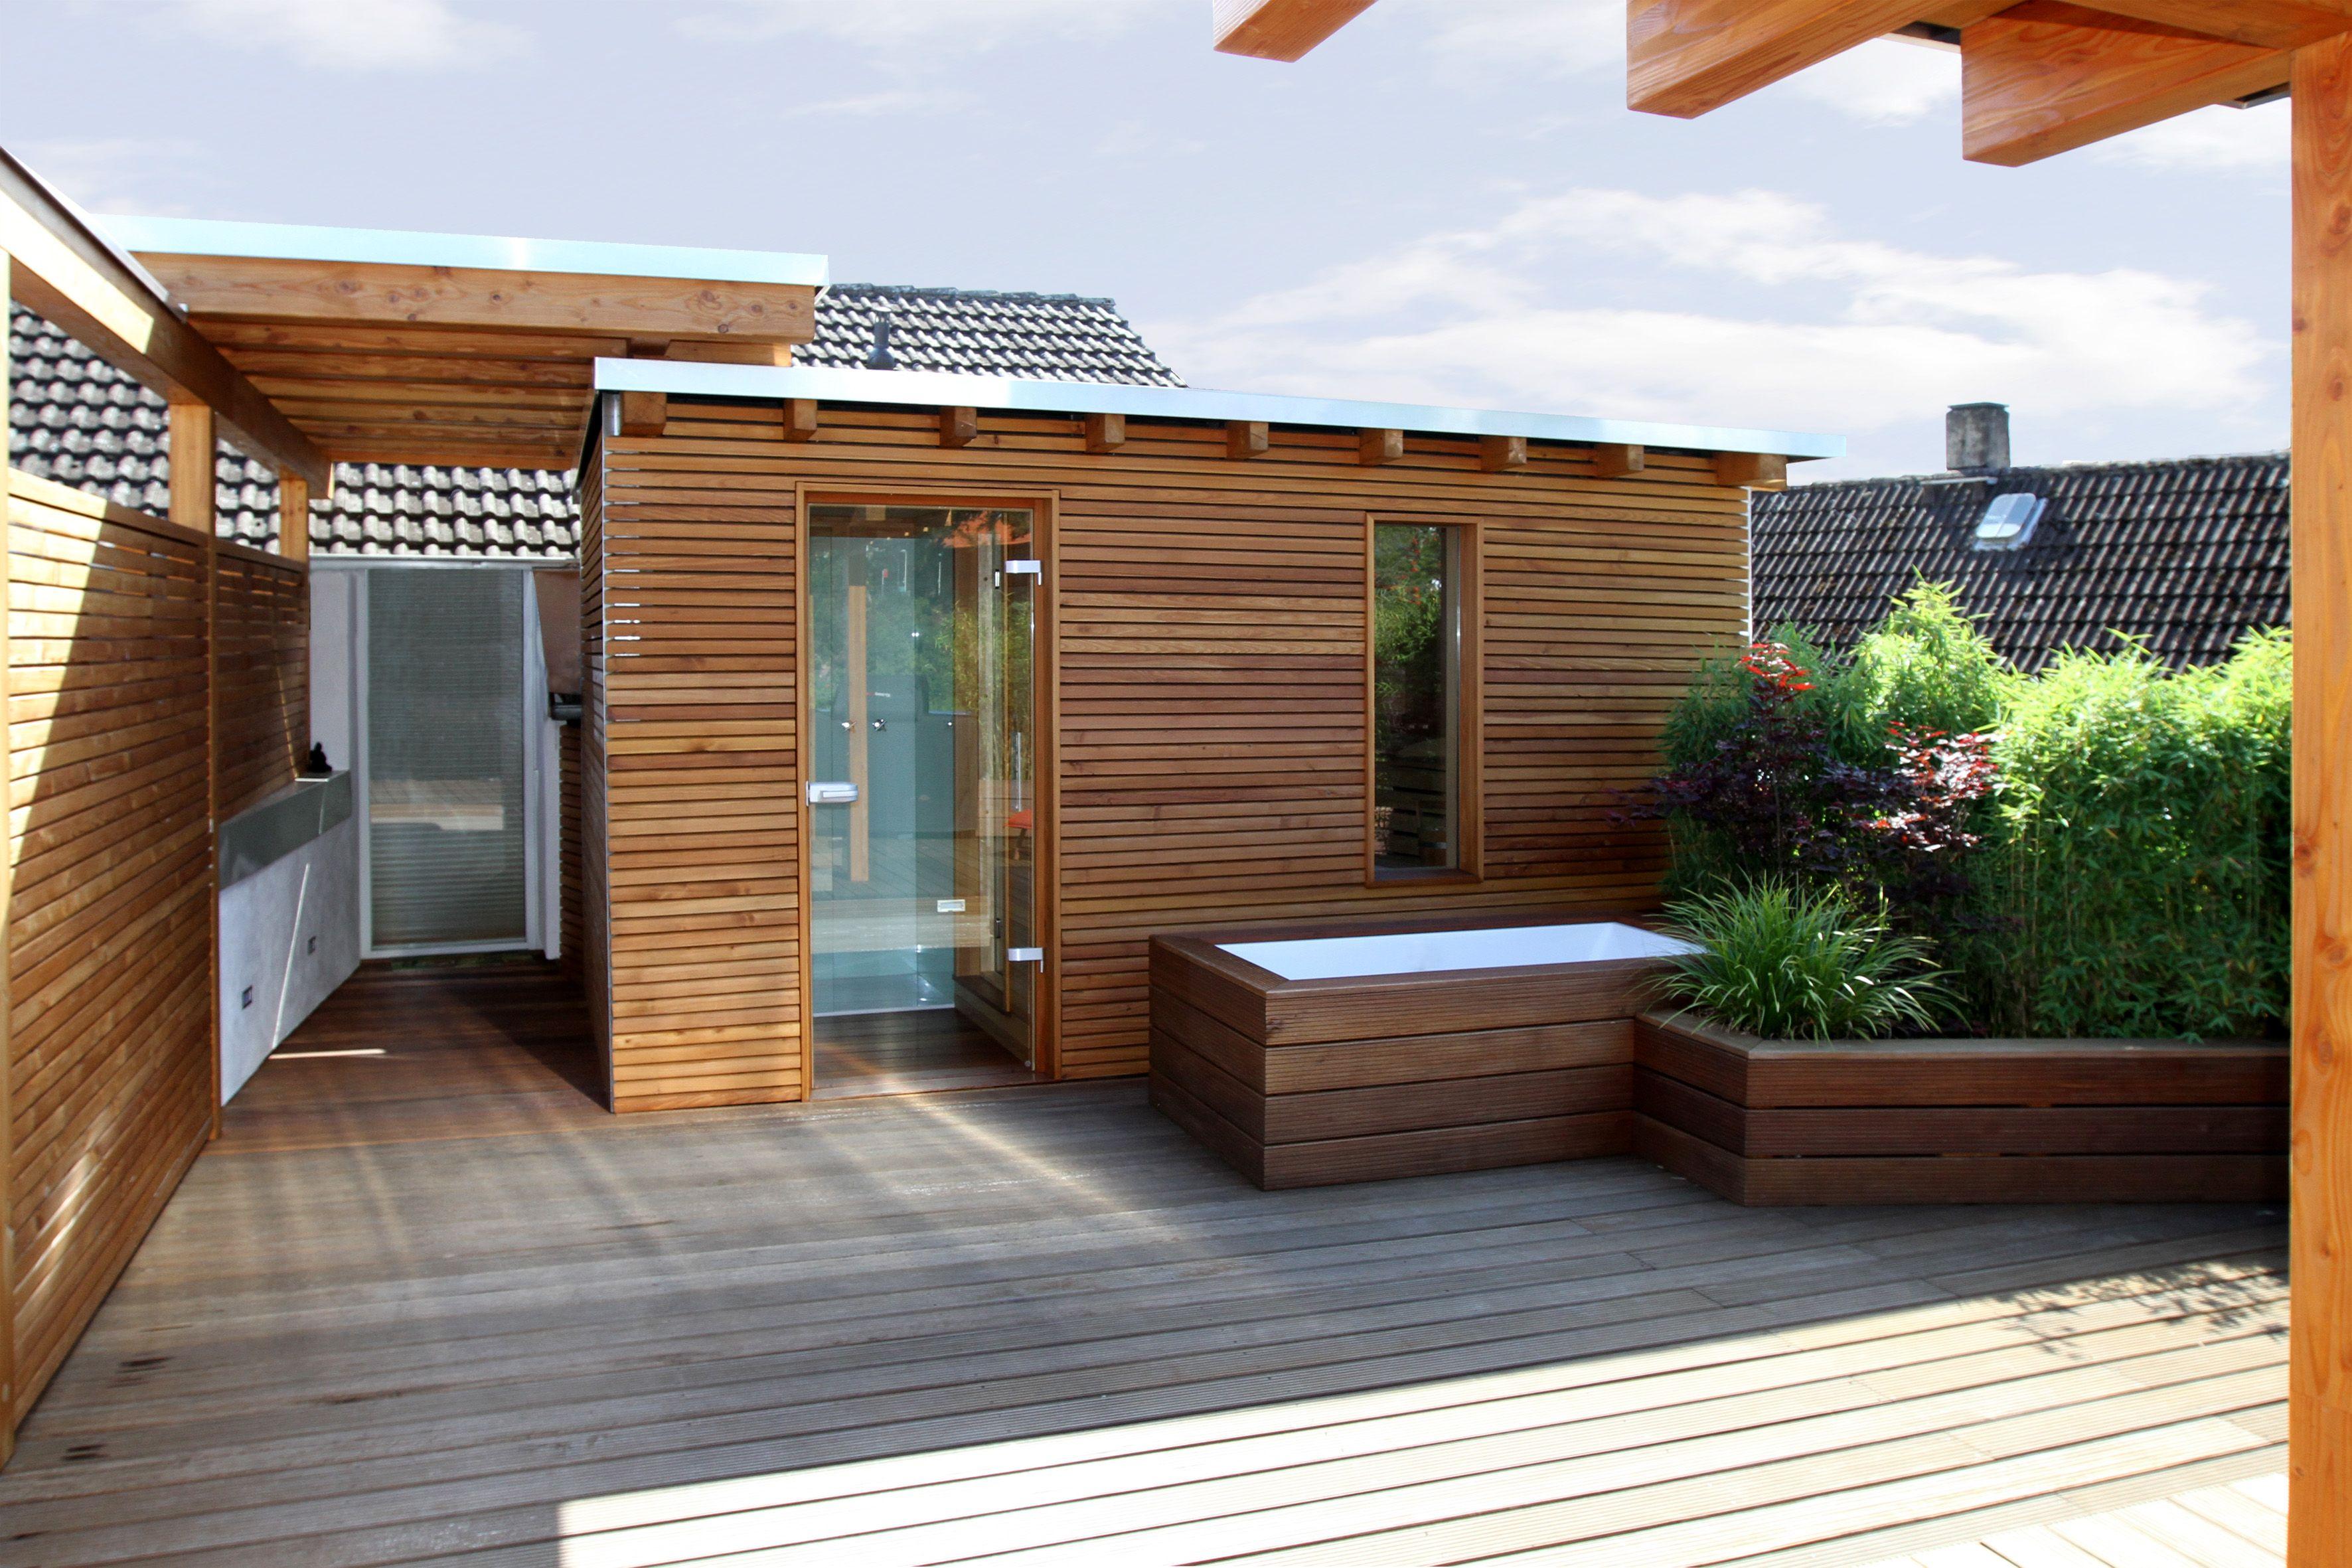 Holz ist das dominierende Thema dieser Dachterrasse